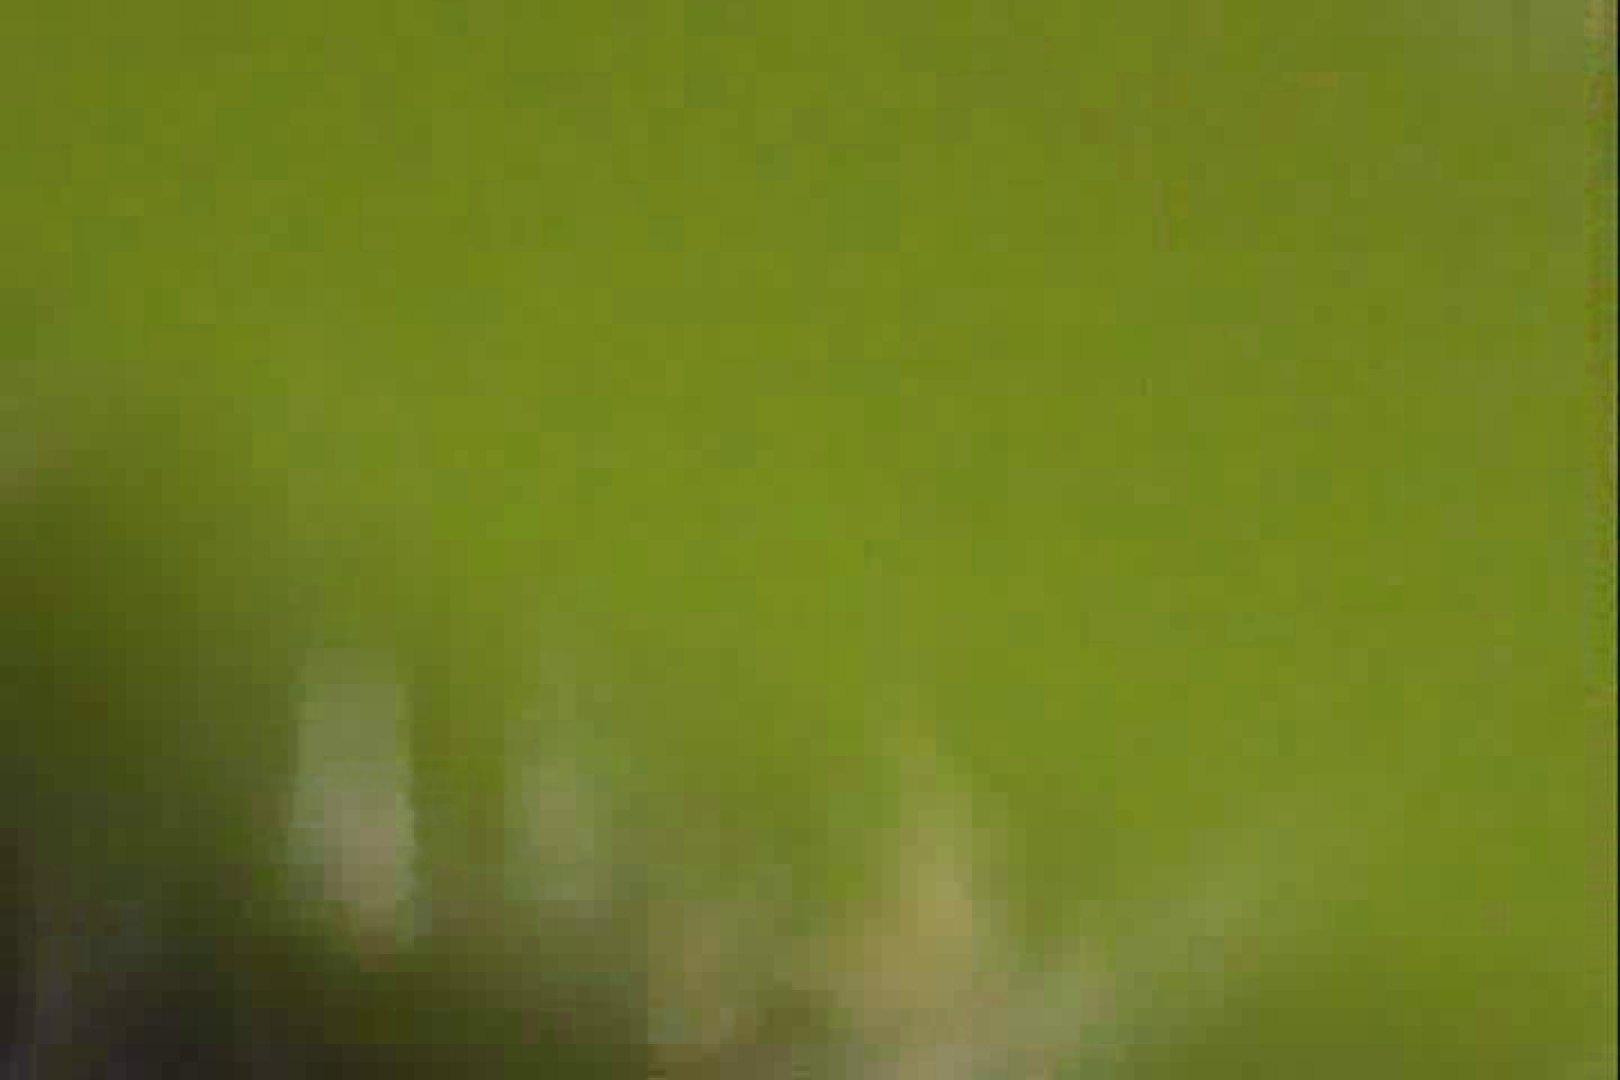 激撮!! 接写天井裏の刺客Vol.7 美しいOLの裸体  102pic 12